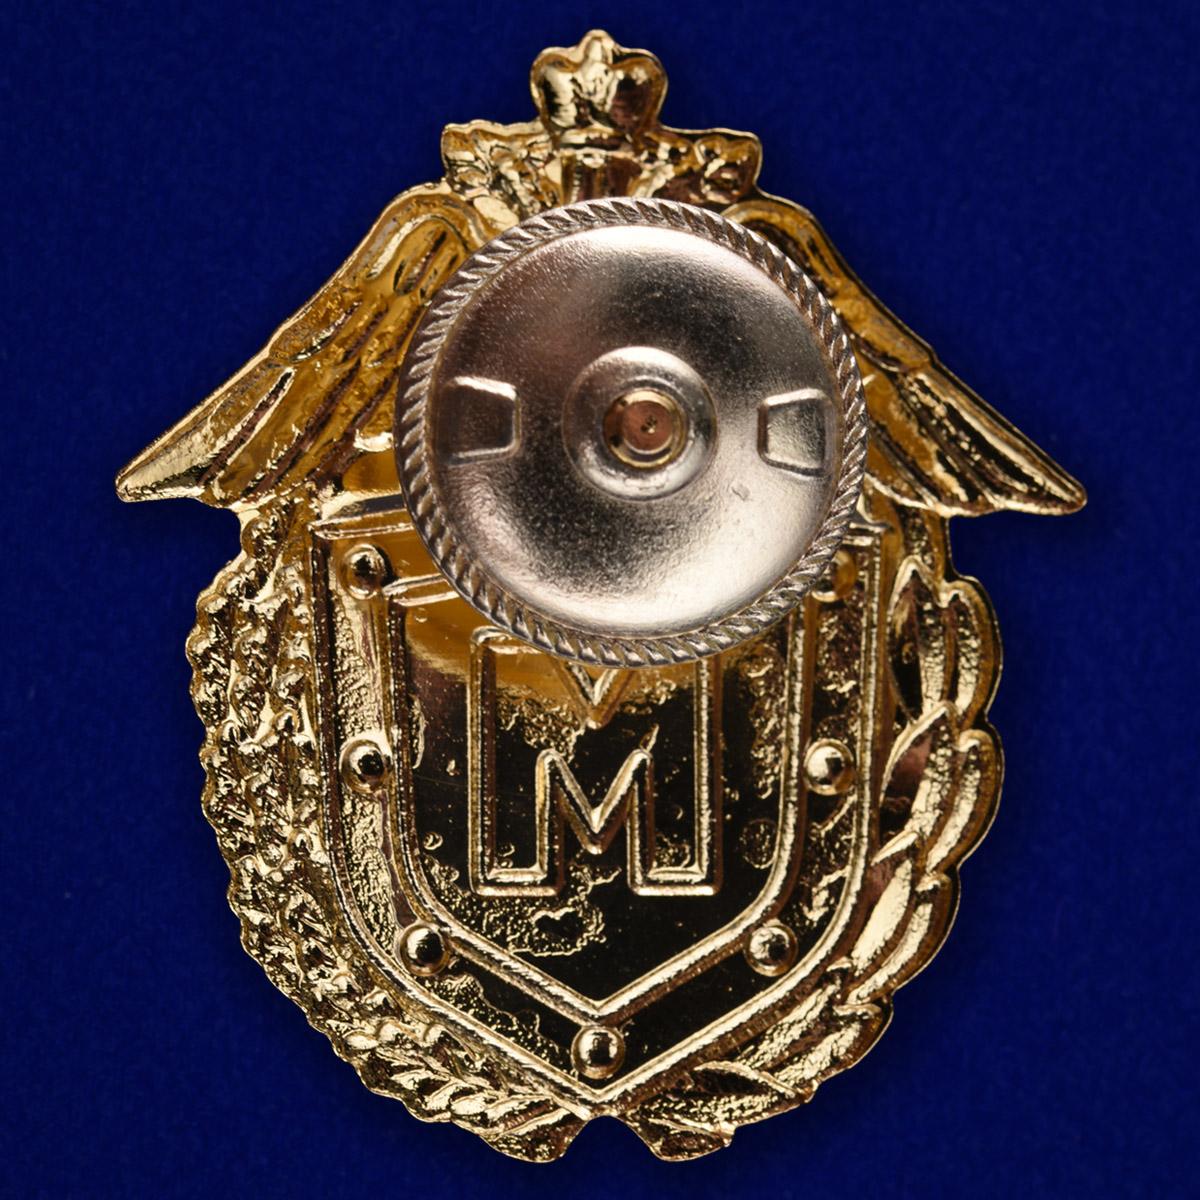 Знак ФПС РФ Классный специалист мастер в бархатном футляре - Реверс